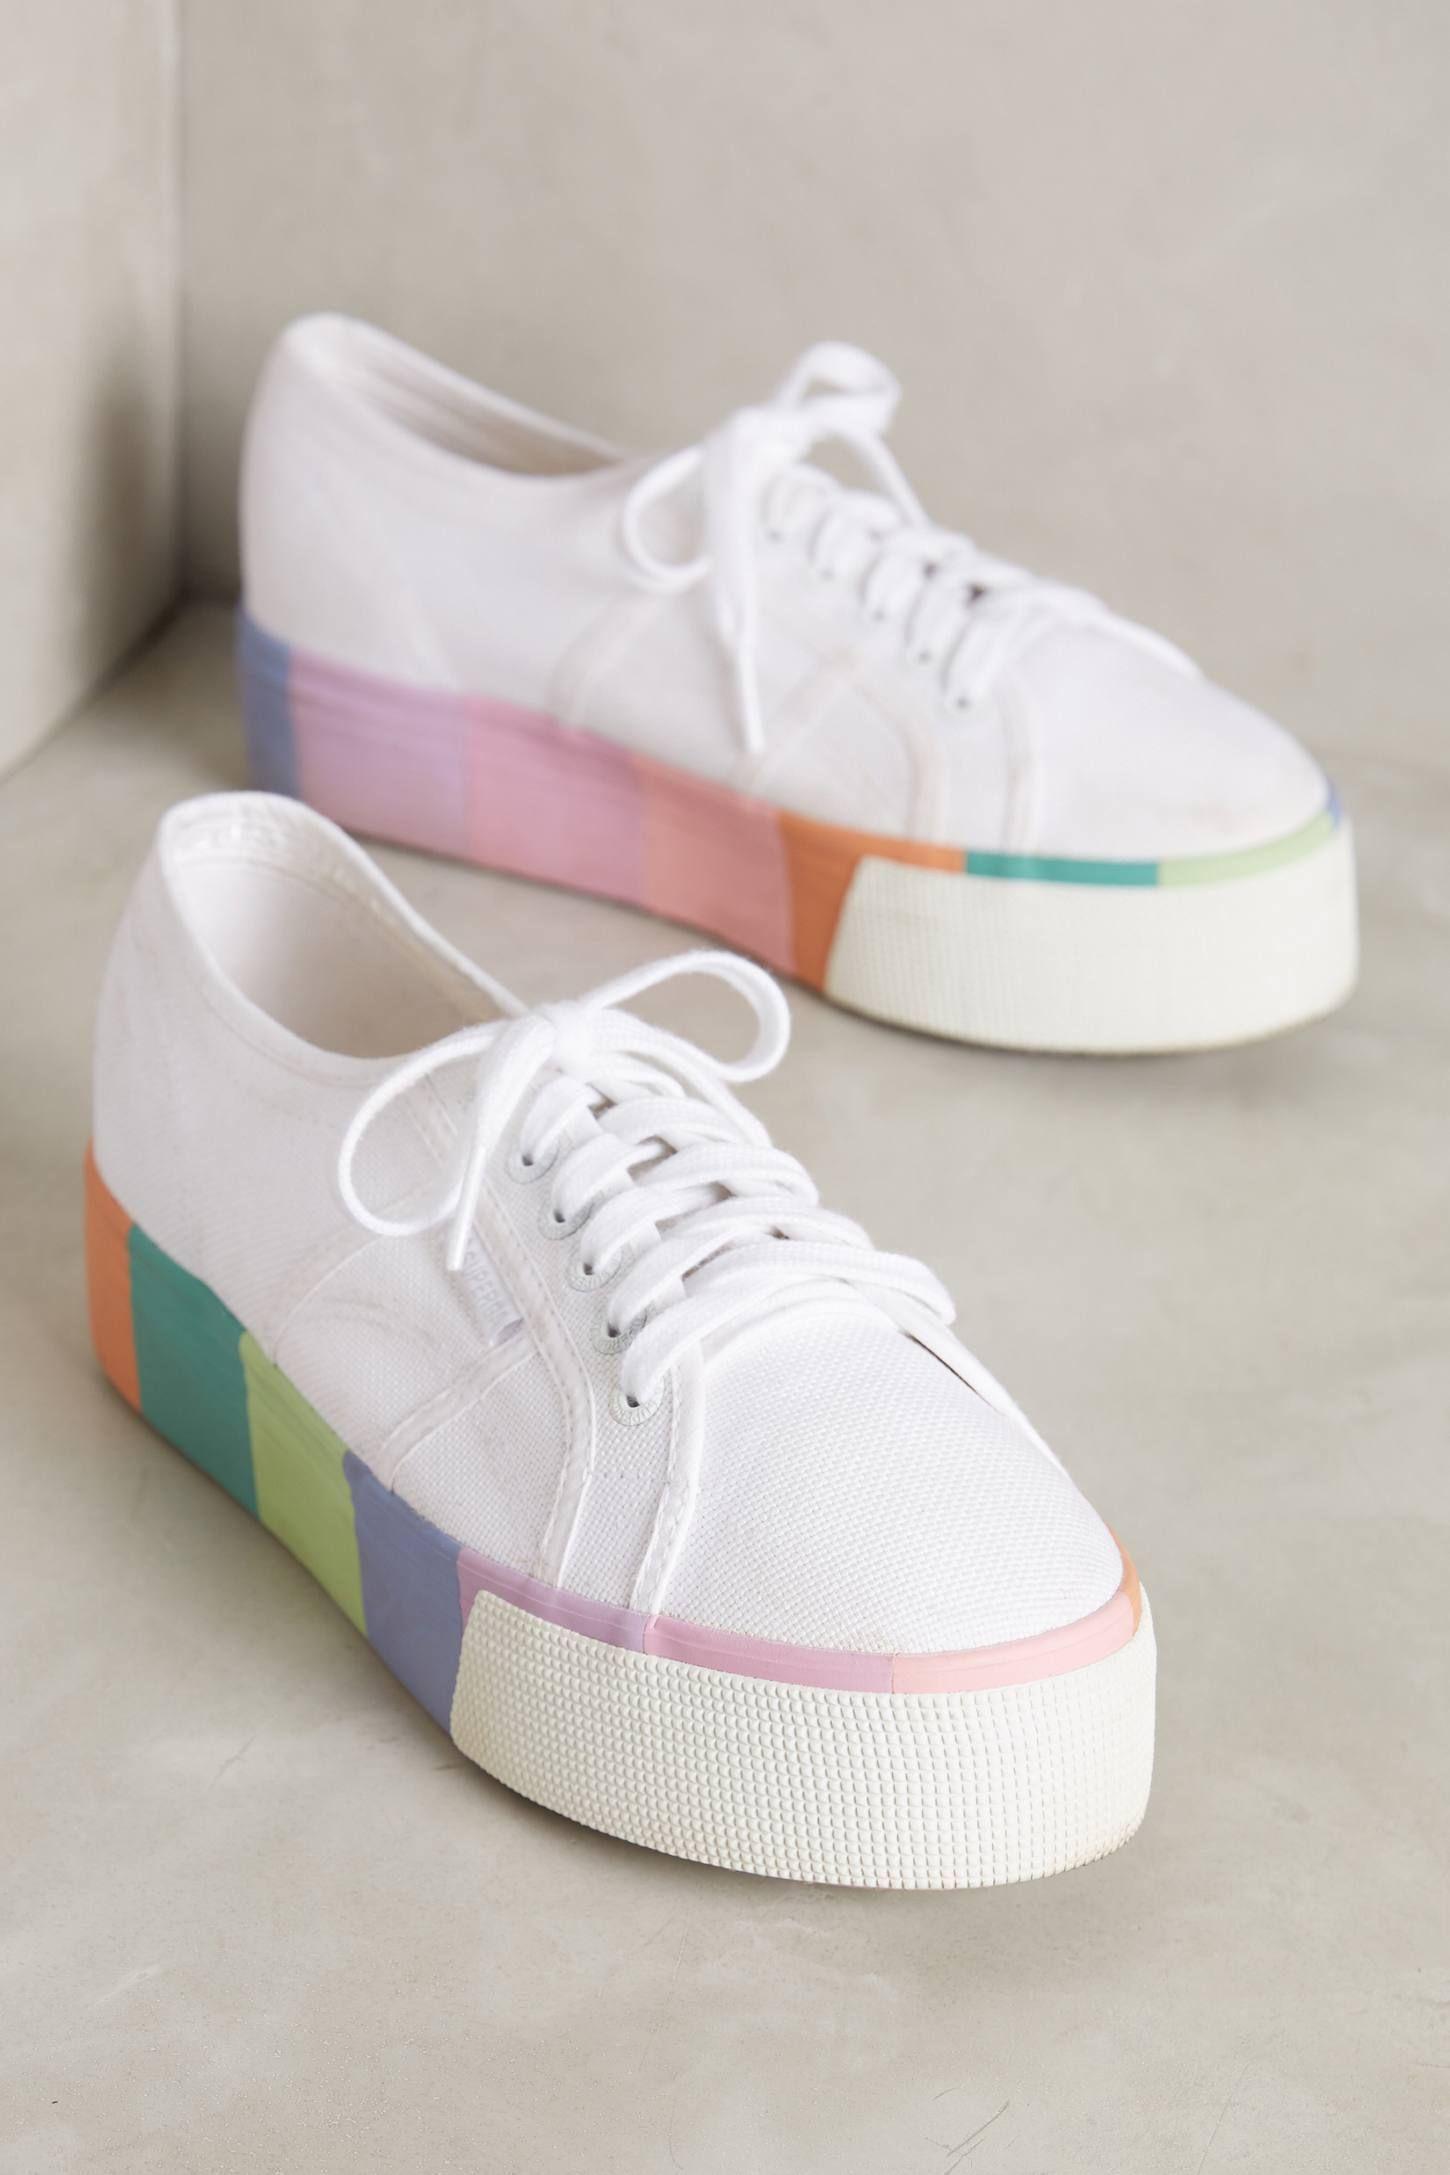 Superga Pastel Platform Sneakers